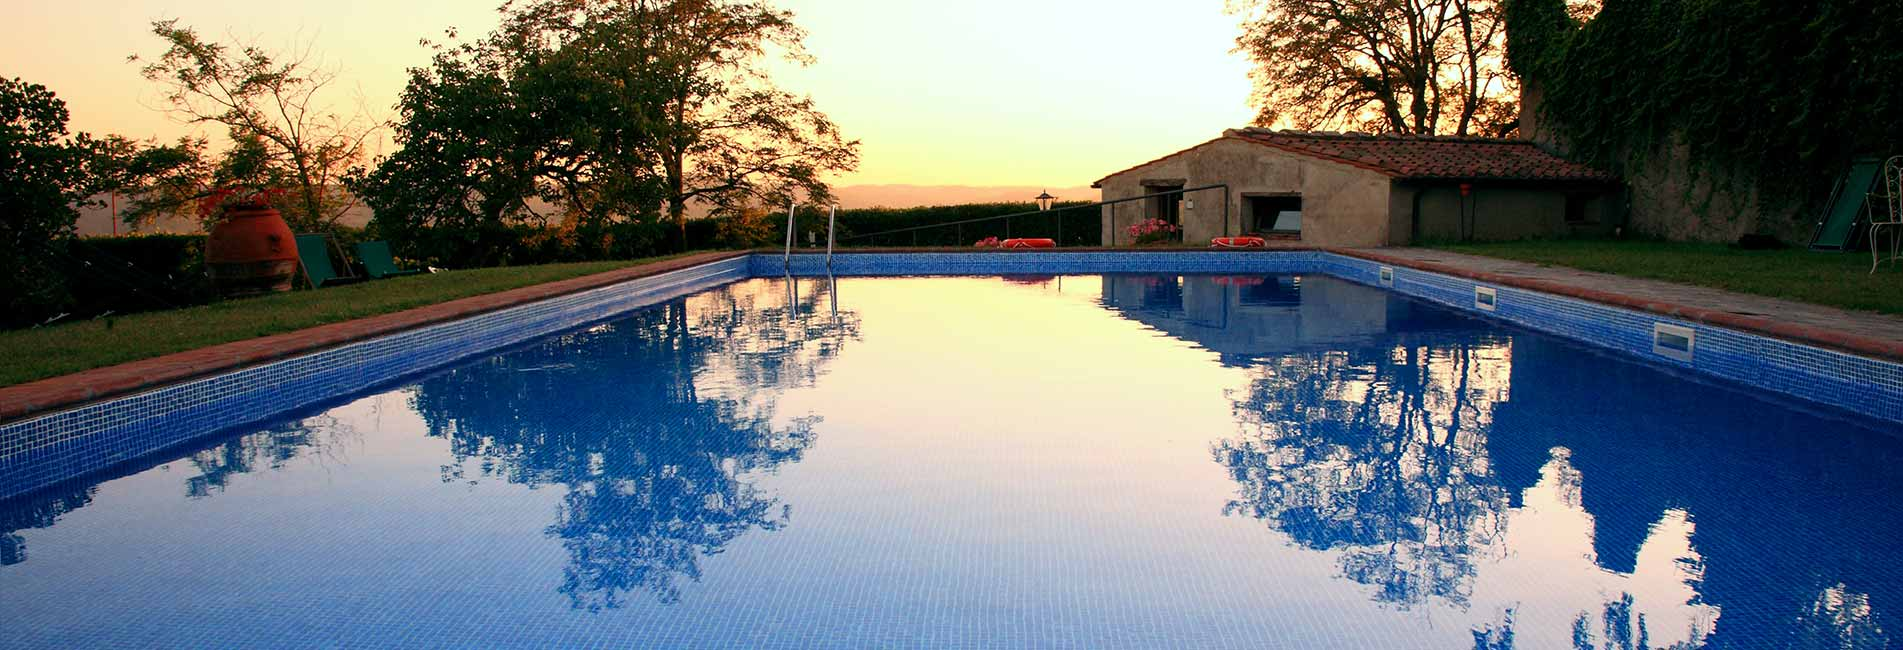 slider_piscina